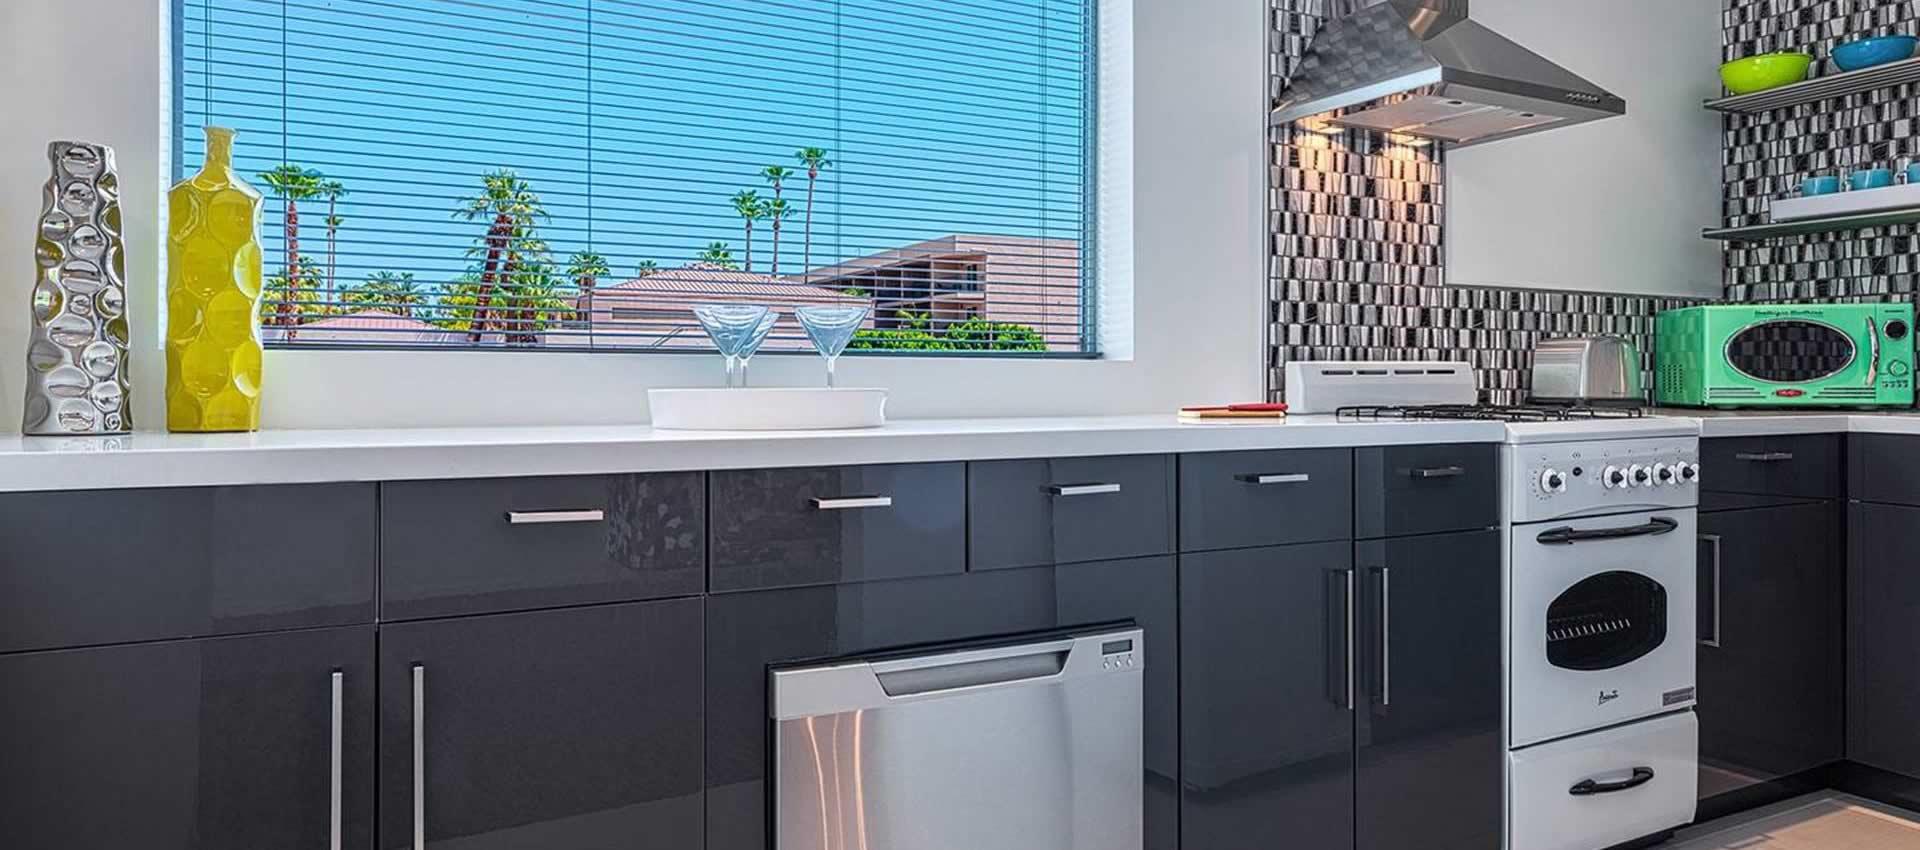 twist-hotel-room107-kitchen